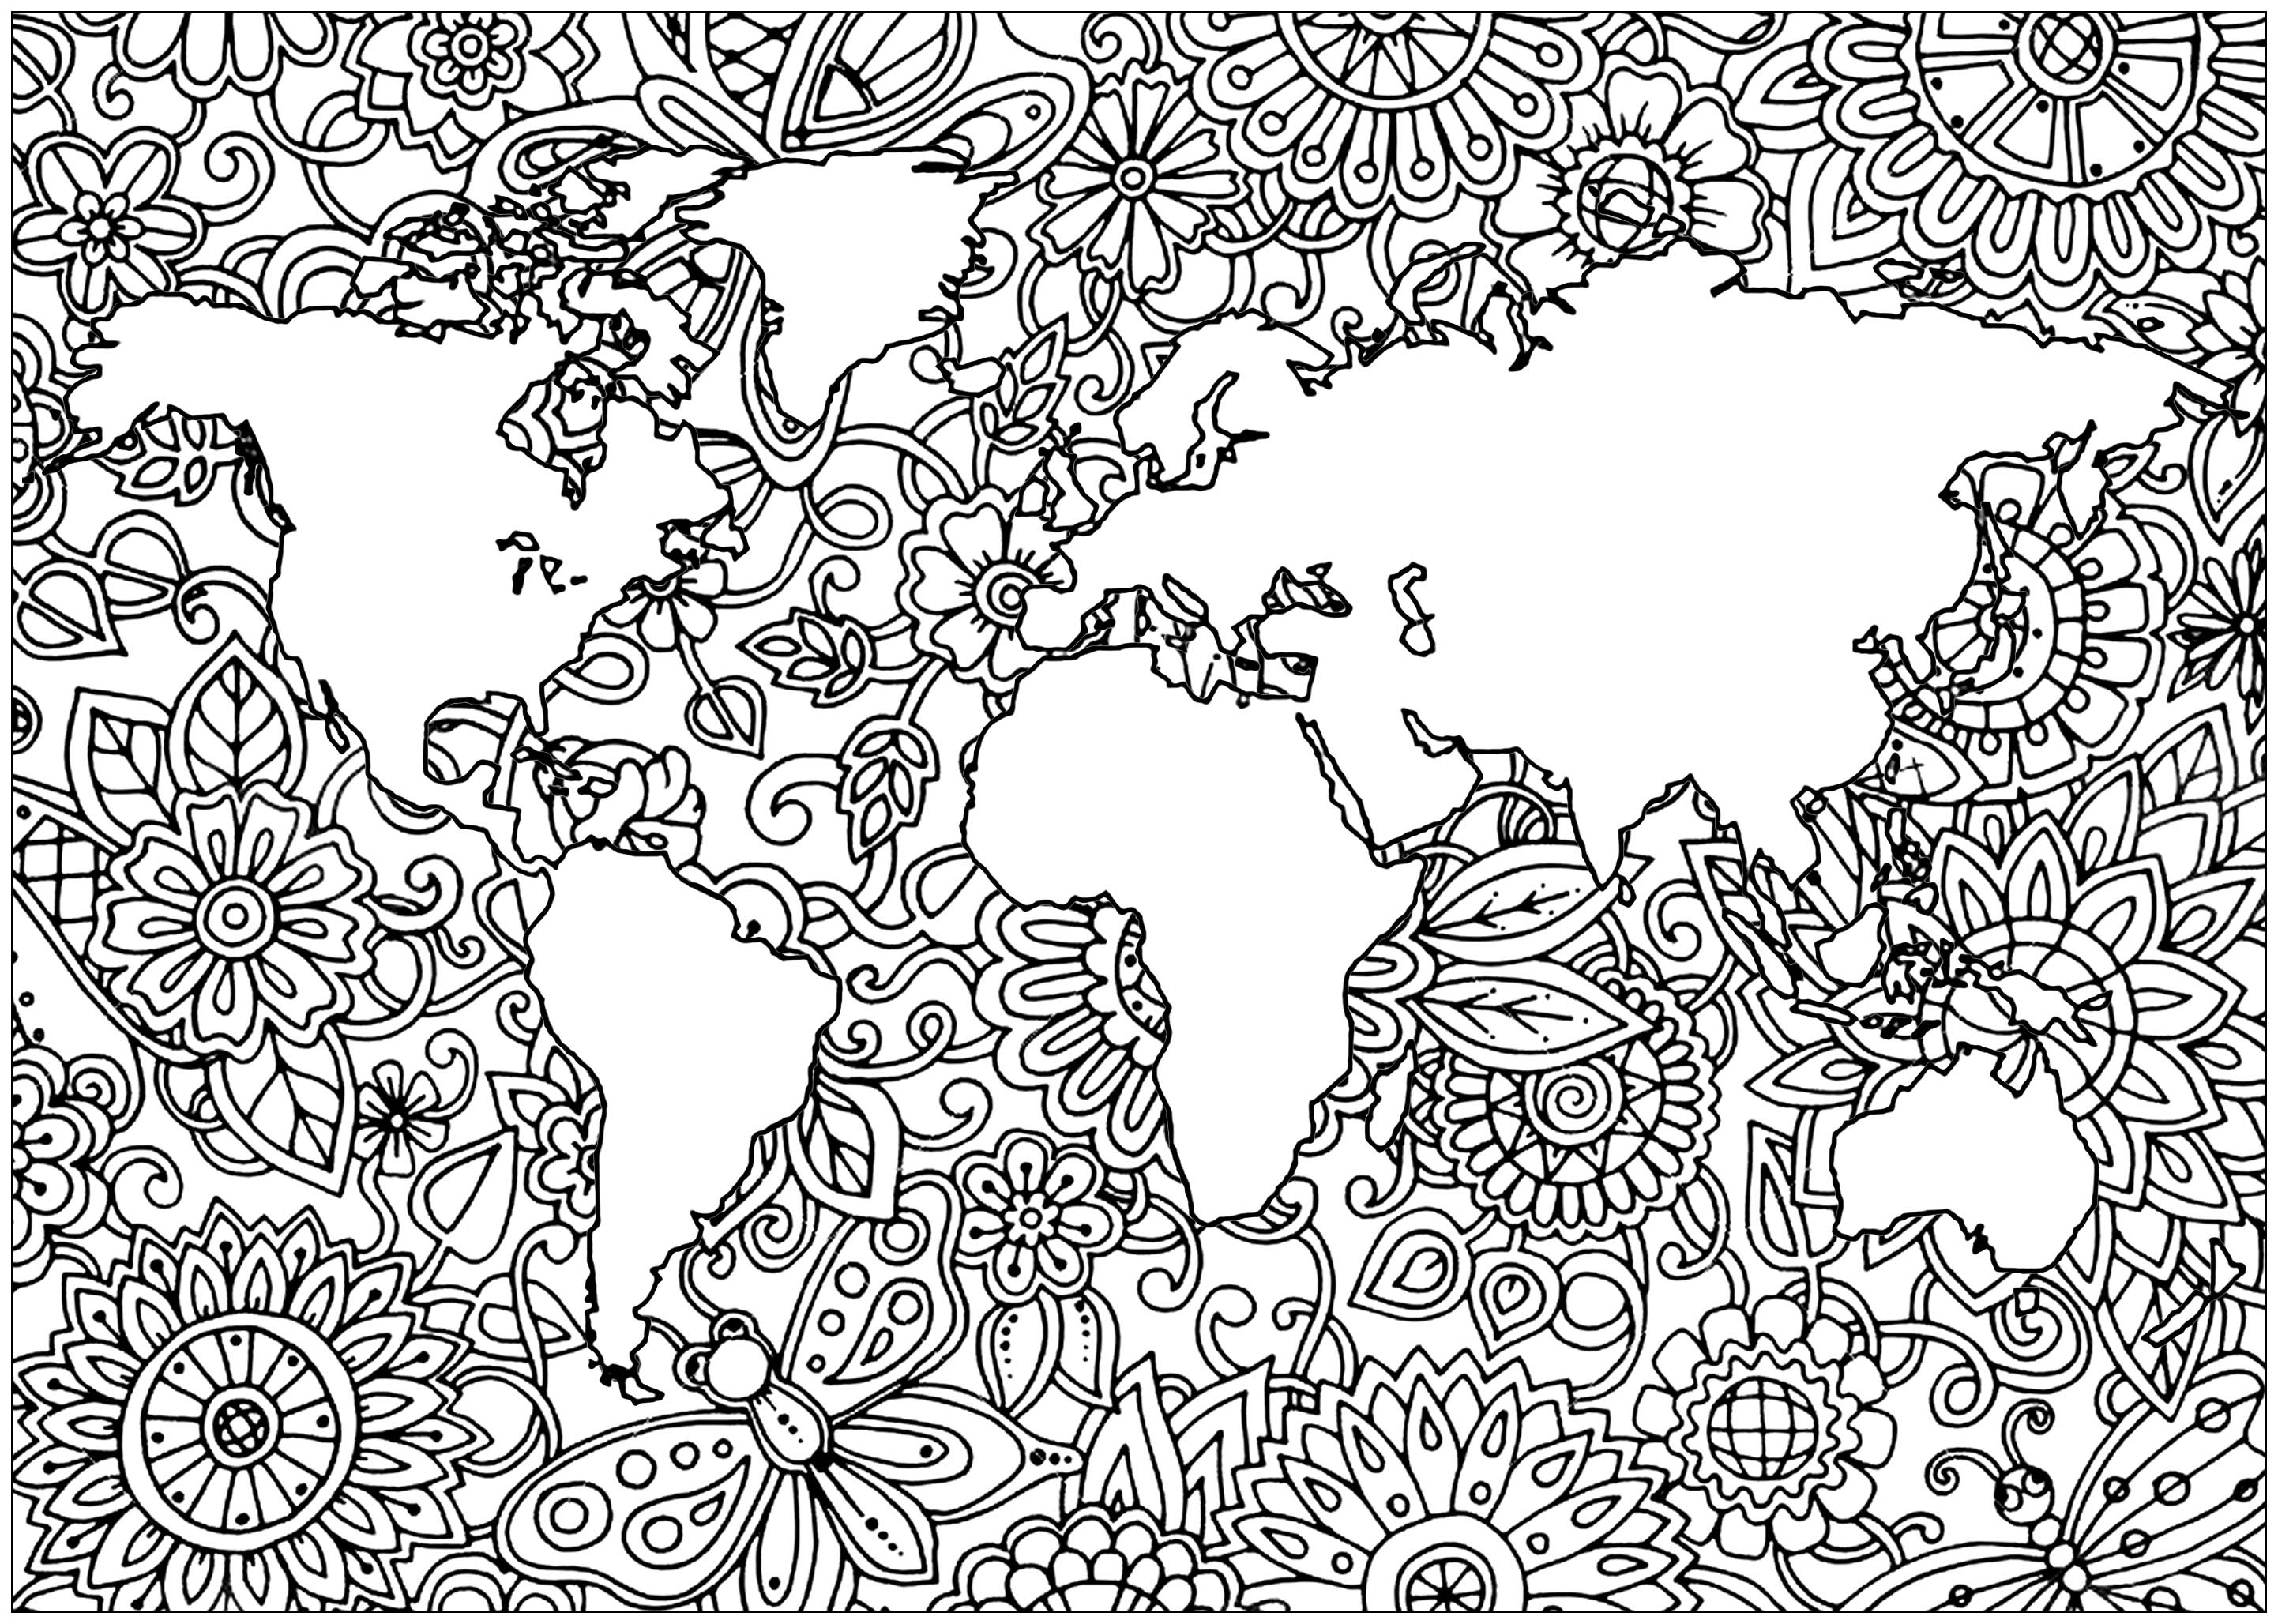 Planisphère avec motifs fleuris dans les mers